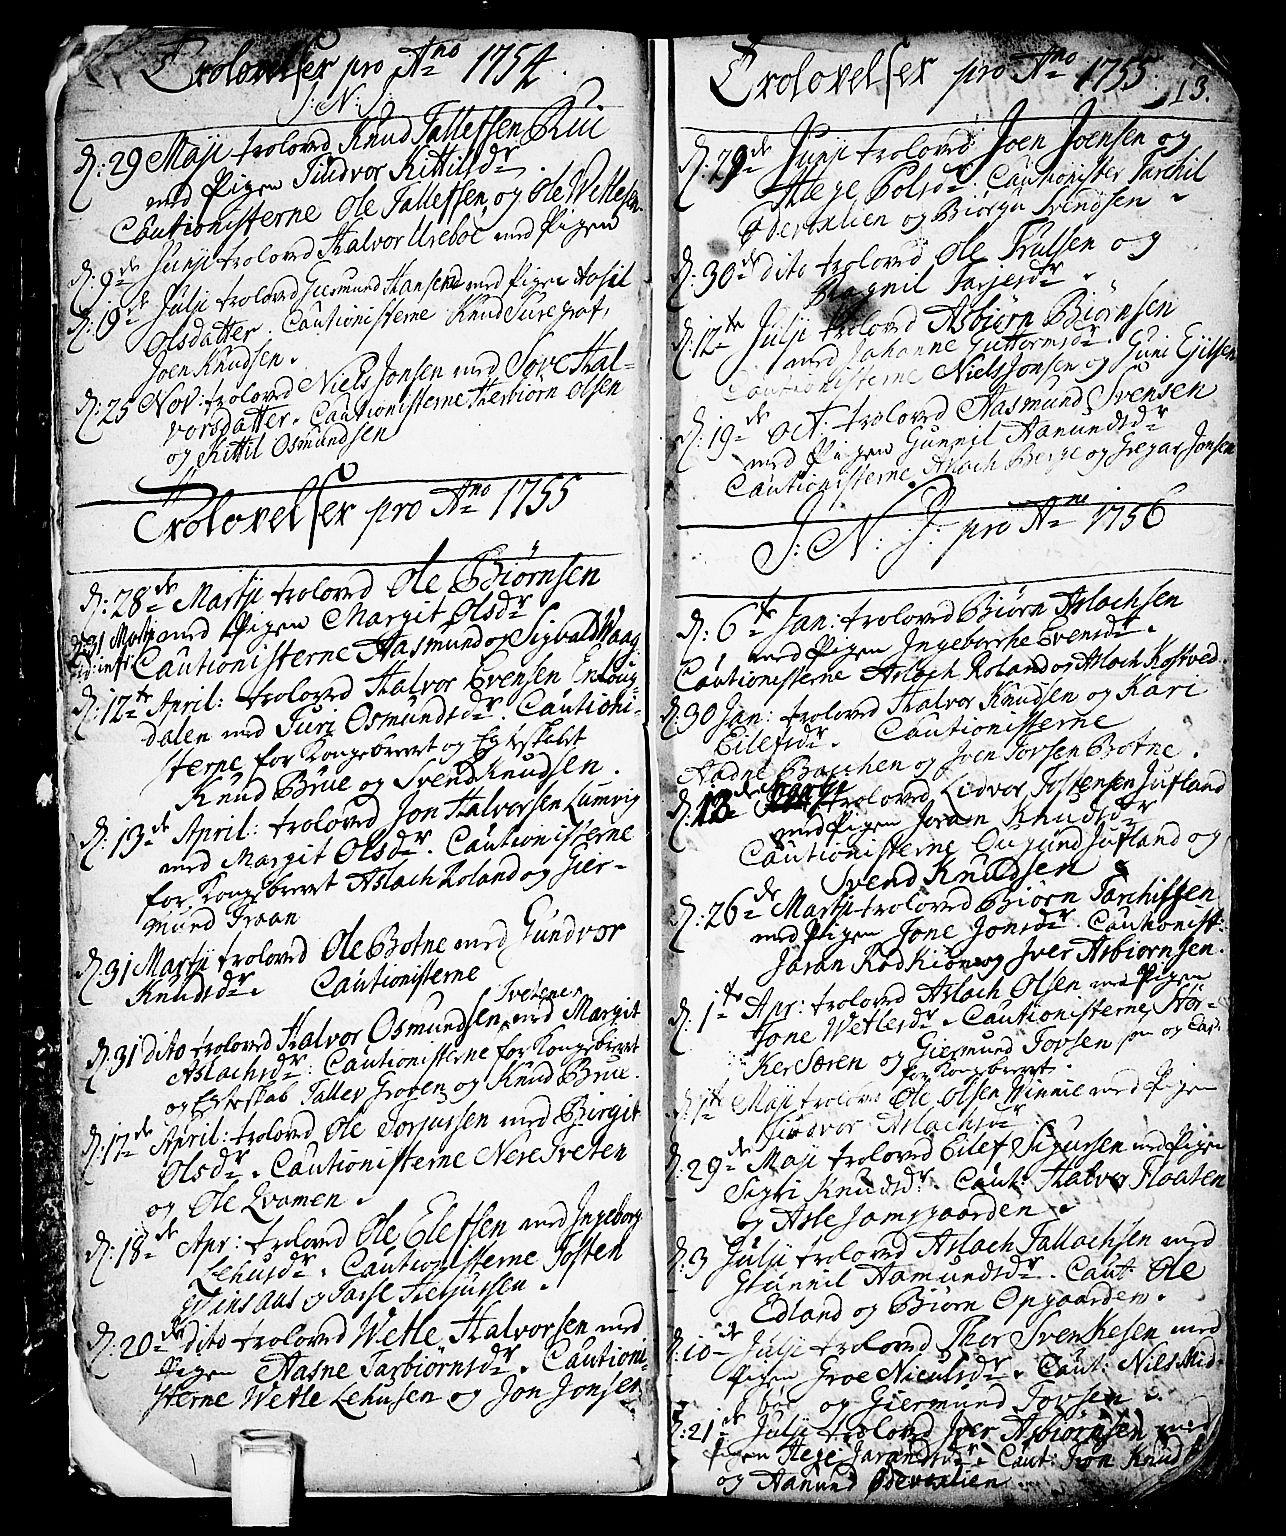 SAKO, Vinje kirkebøker, F/Fa/L0001: Ministerialbok nr. I 1, 1717-1766, s. 13